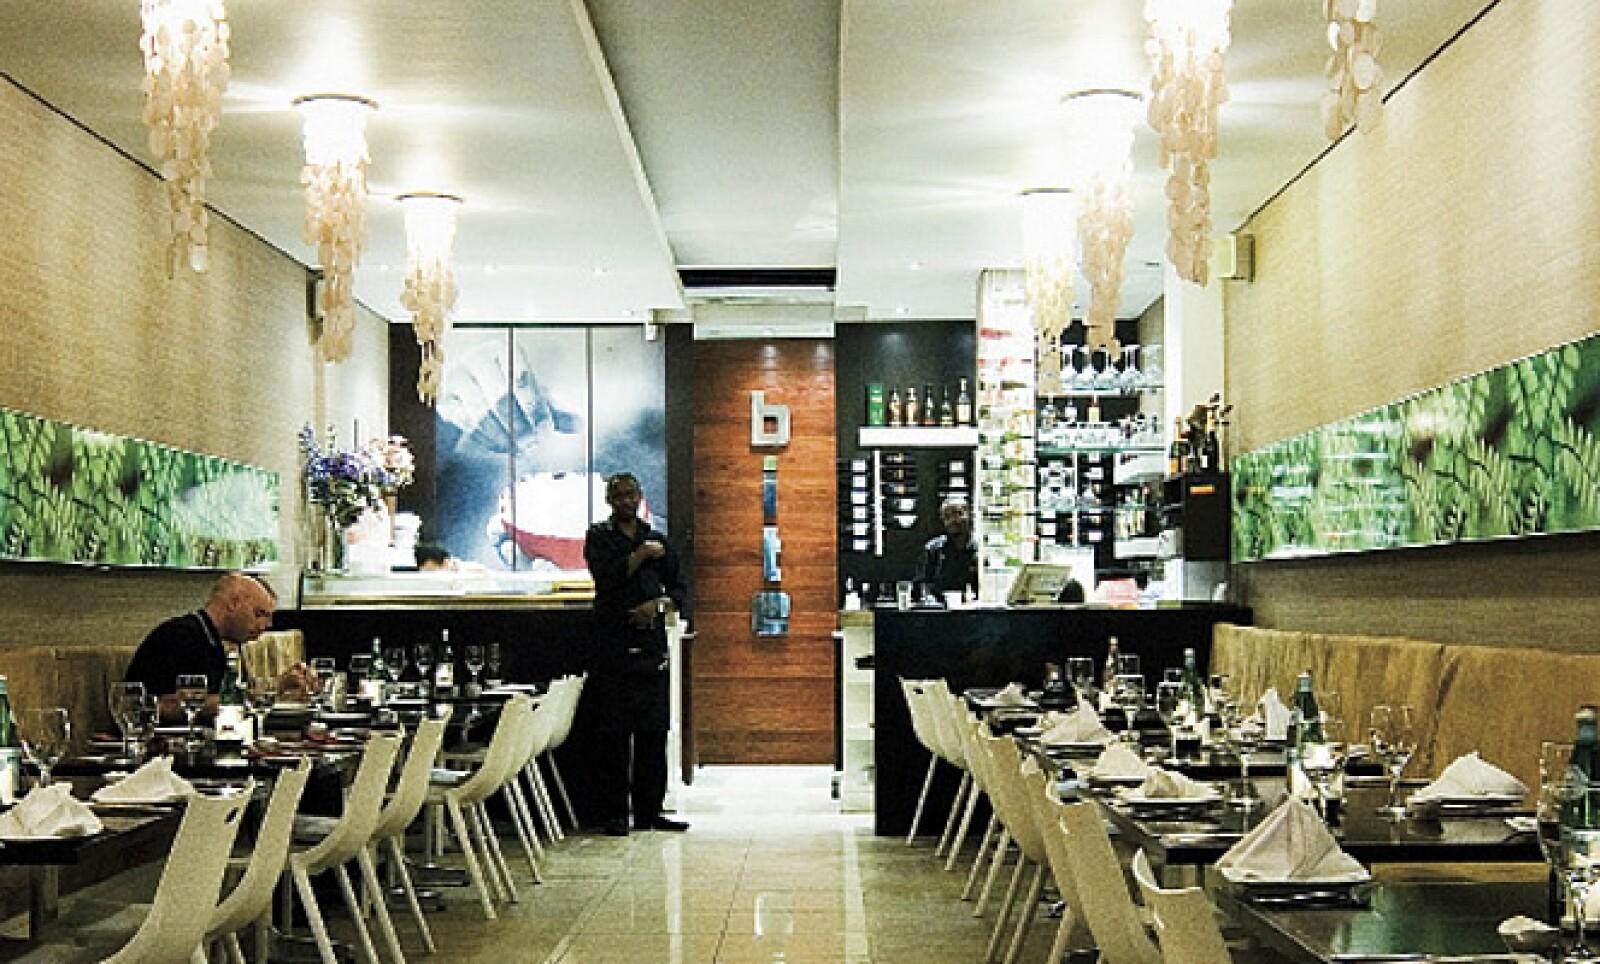 El restaurante Bite en Johannesburgo es uno de los muchos locales que a pesar de tener un espacio reducido es popular por su comida de clase mundial.